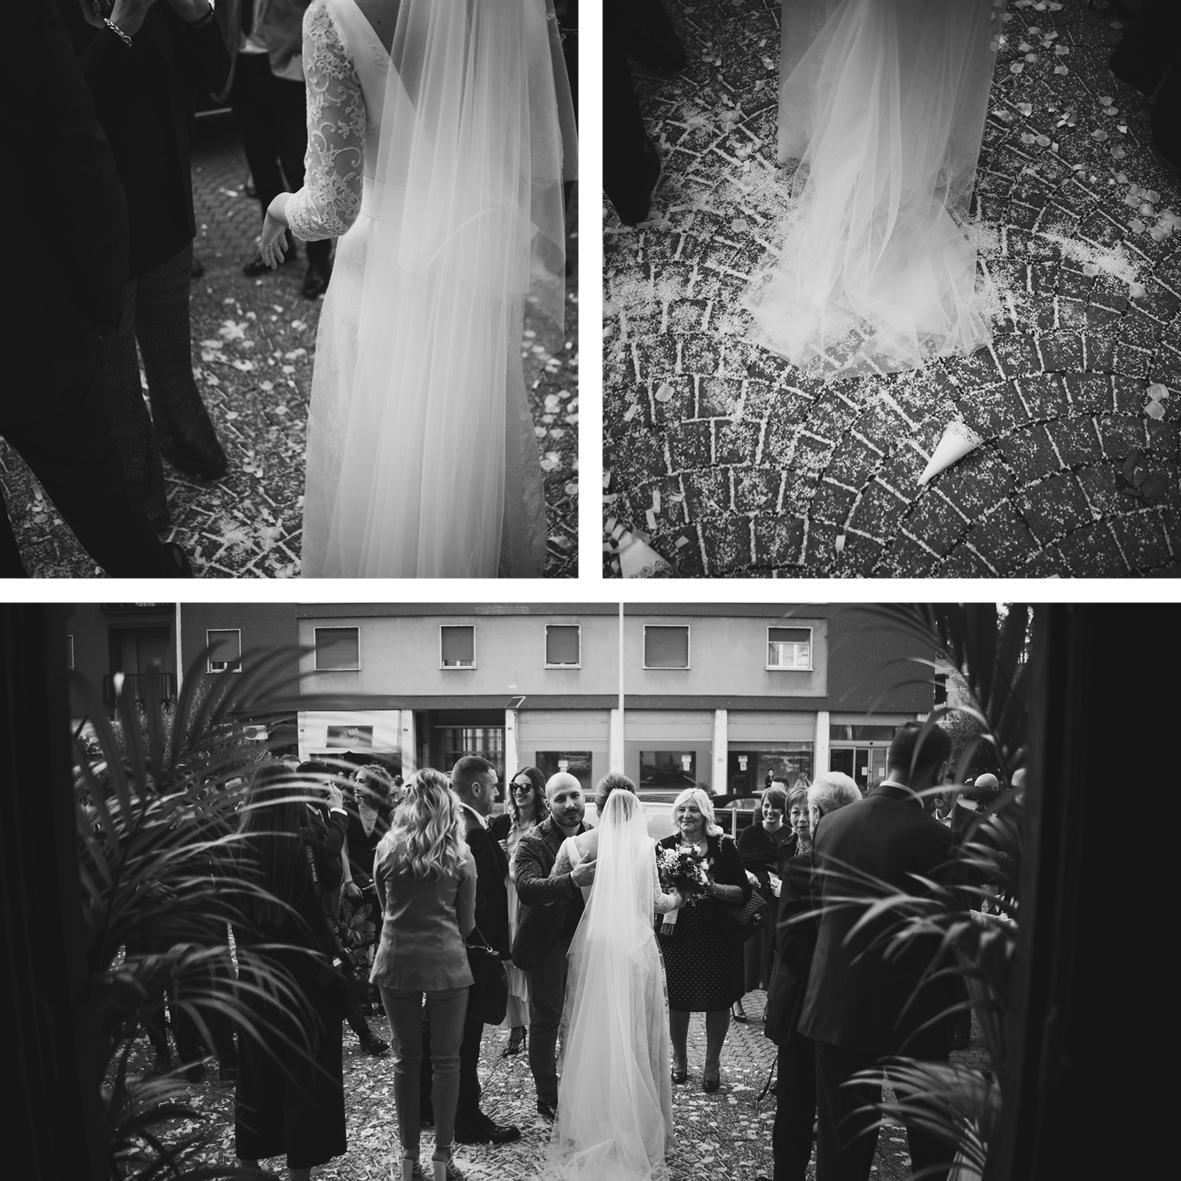 Fotografo matrimonio Brescia reportage di matrimonio Federico Rongaroli21